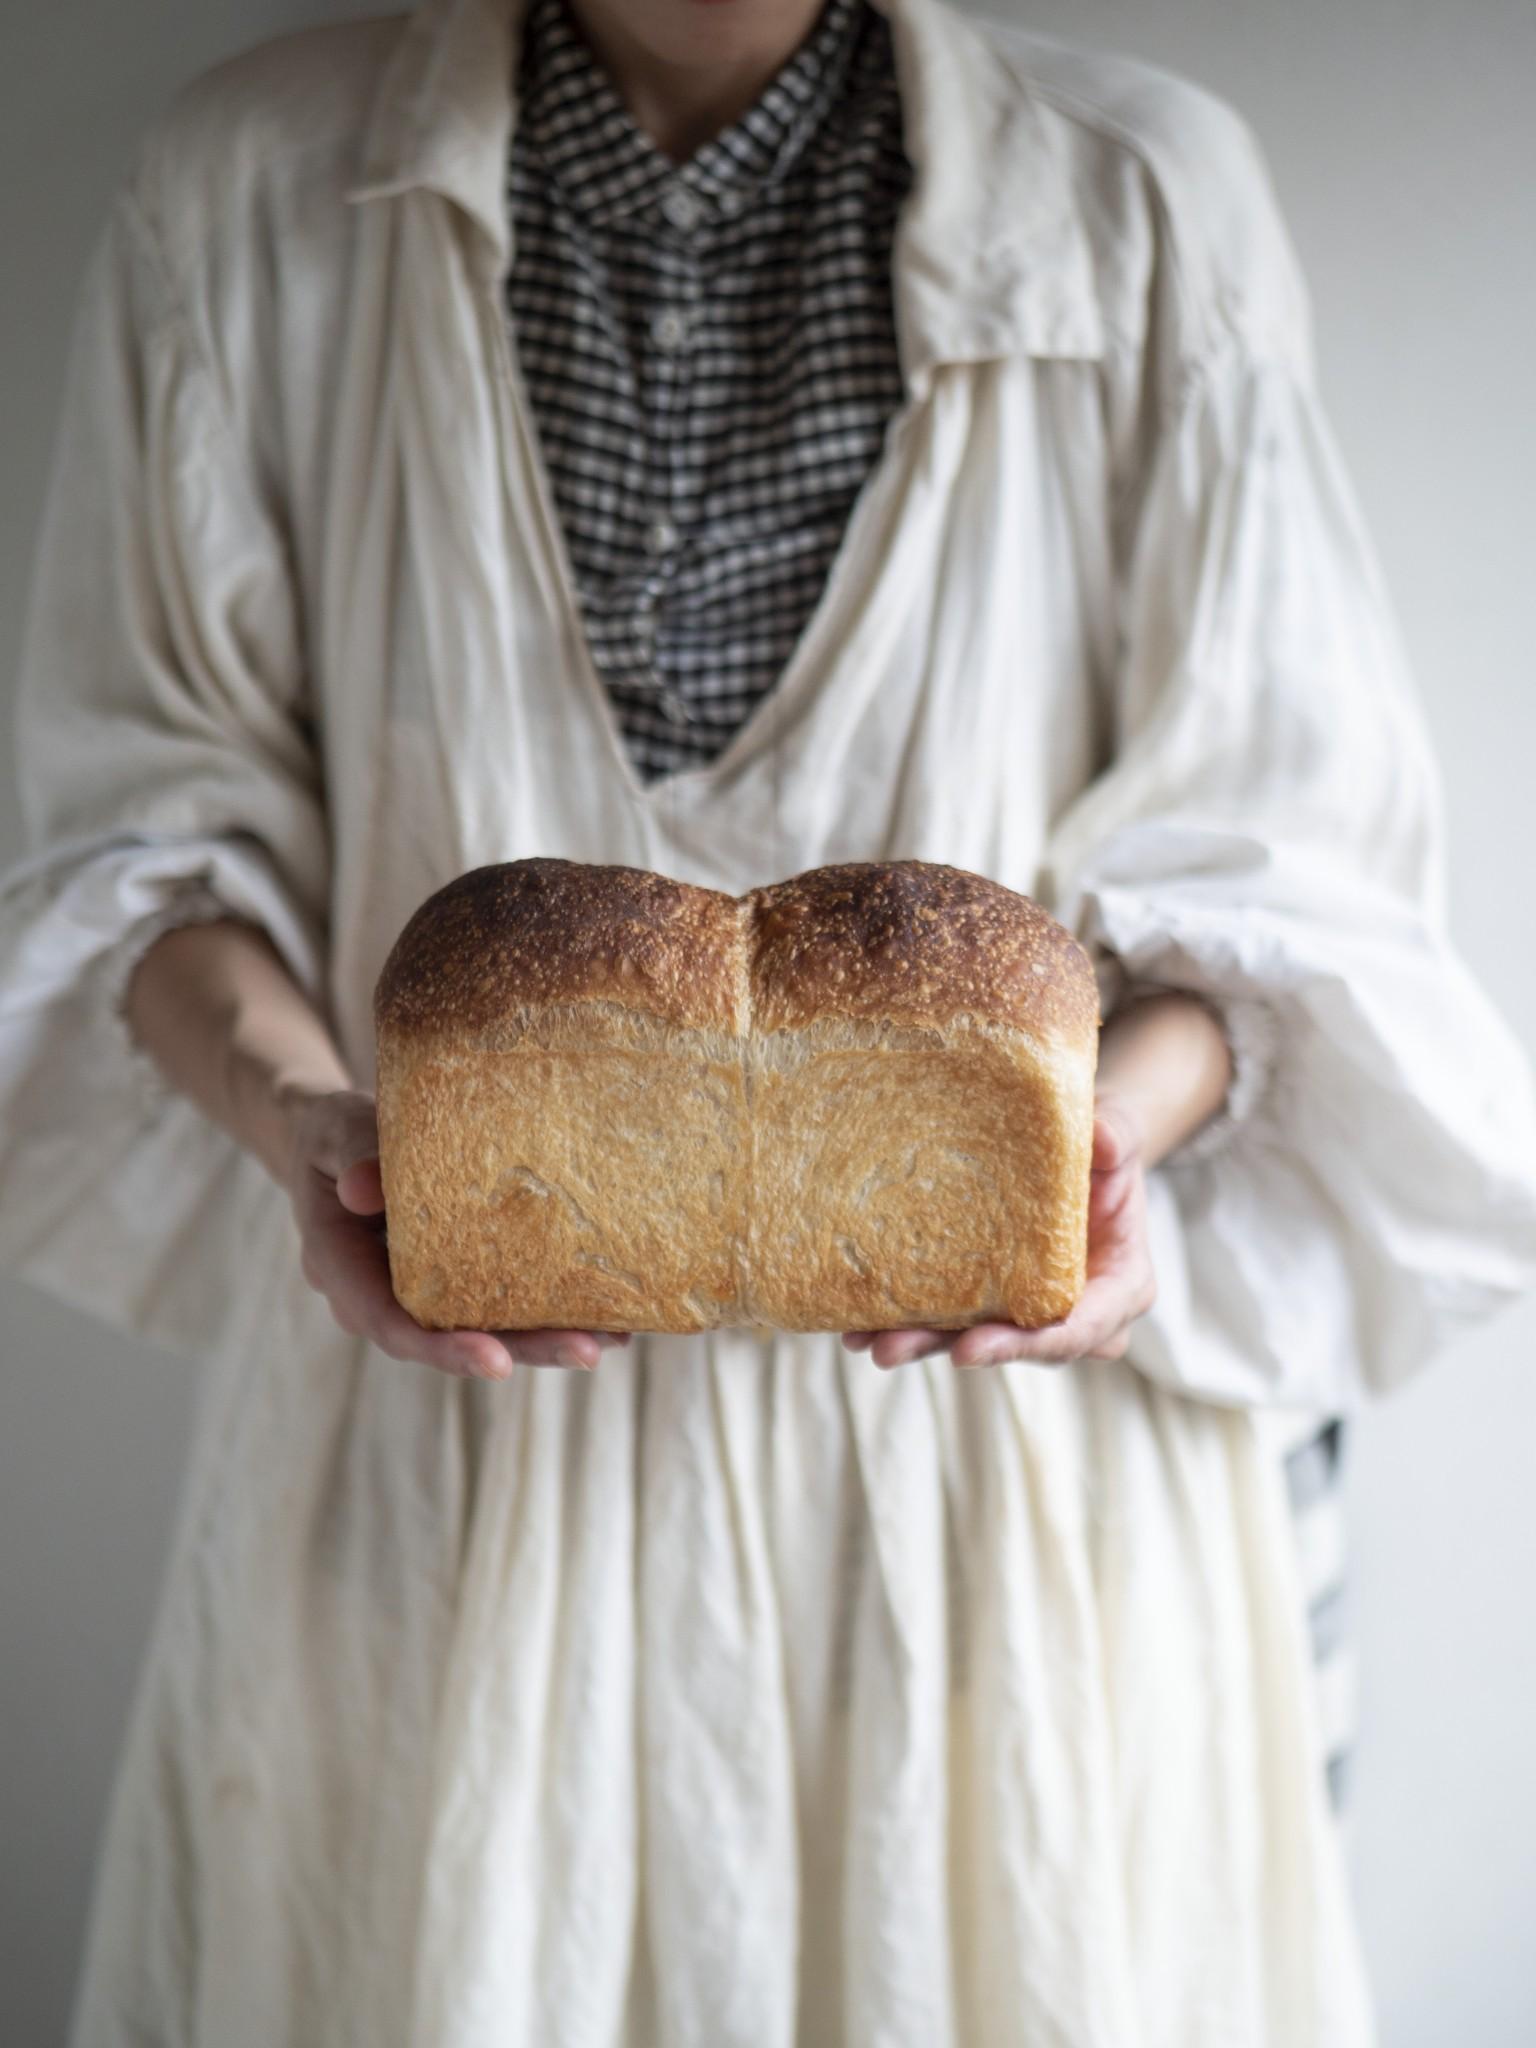 【全国】夫婦で作るベーカリー8軒。新たなスタートに選んだのは、こだわりが詰まったパン作り。